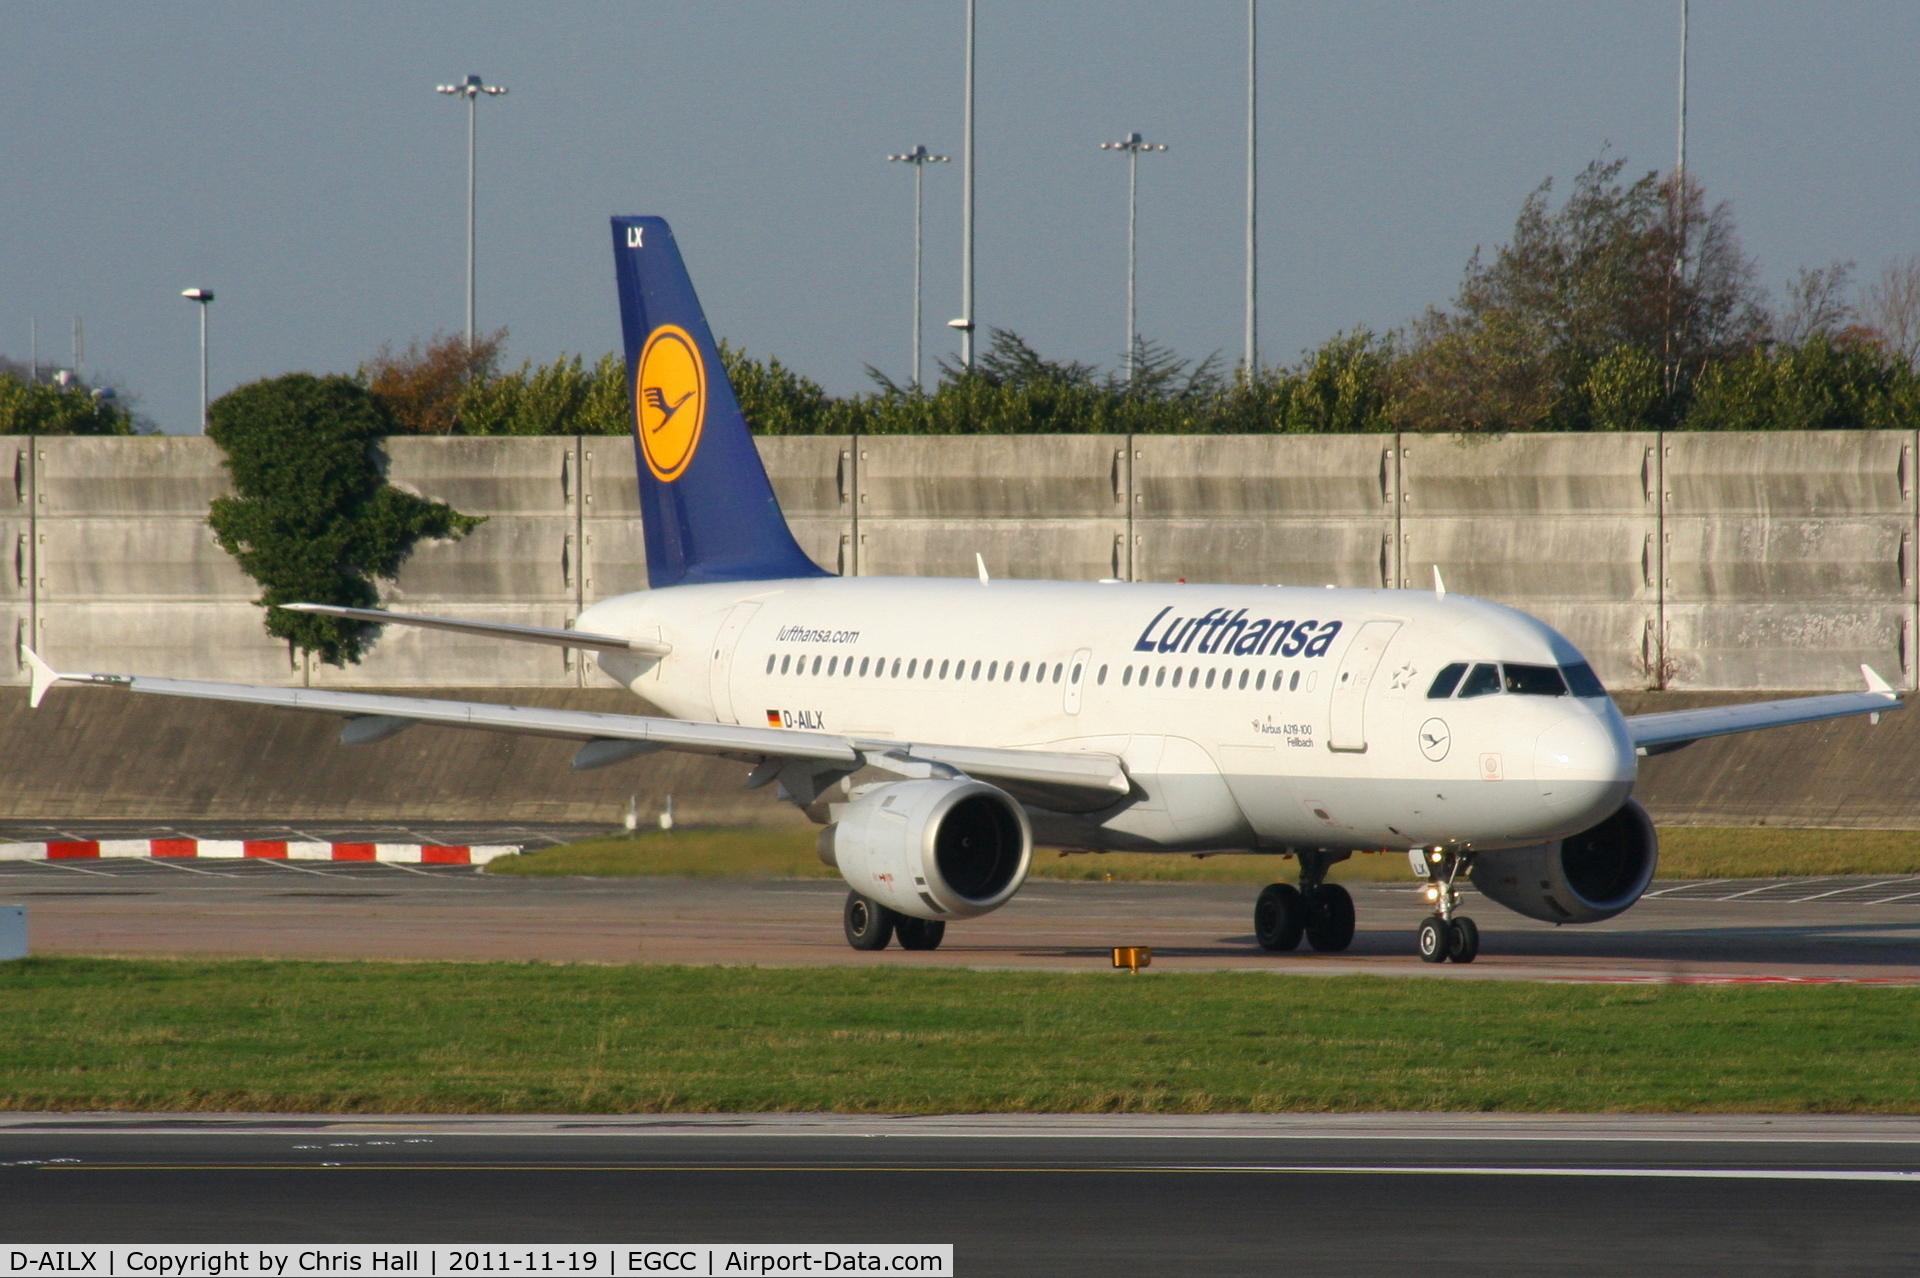 D-AILX, 1998 Airbus A319-114 C/N 860, Lufthansa